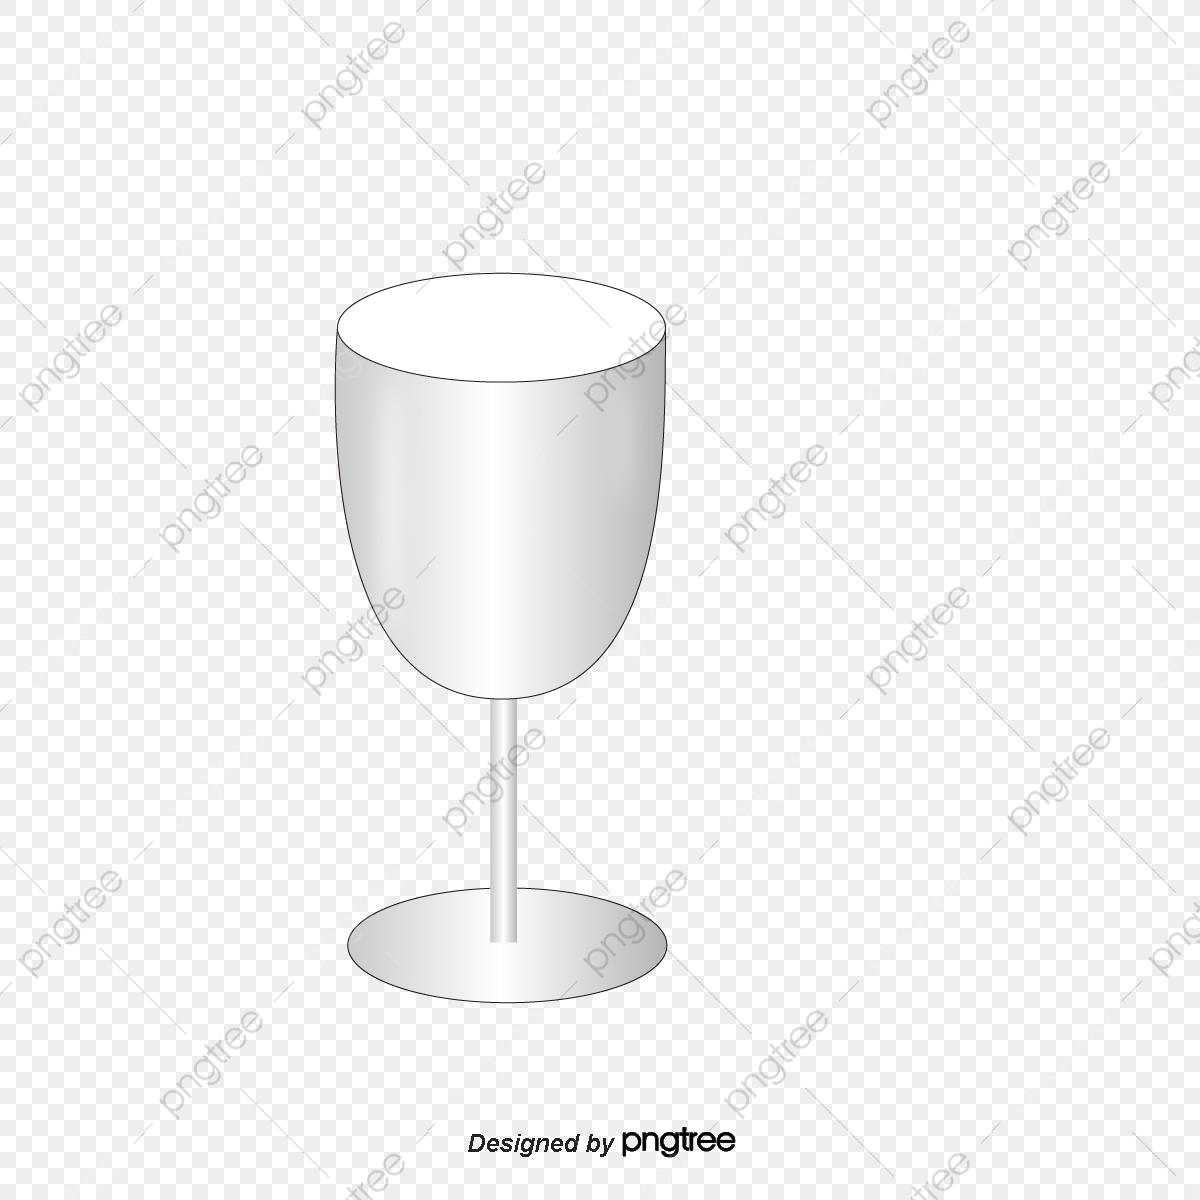 le vecteur de verre de la tige d u00e9coration vin rouge png et vecteur pour t u00e9l u00e9chargement gratuit